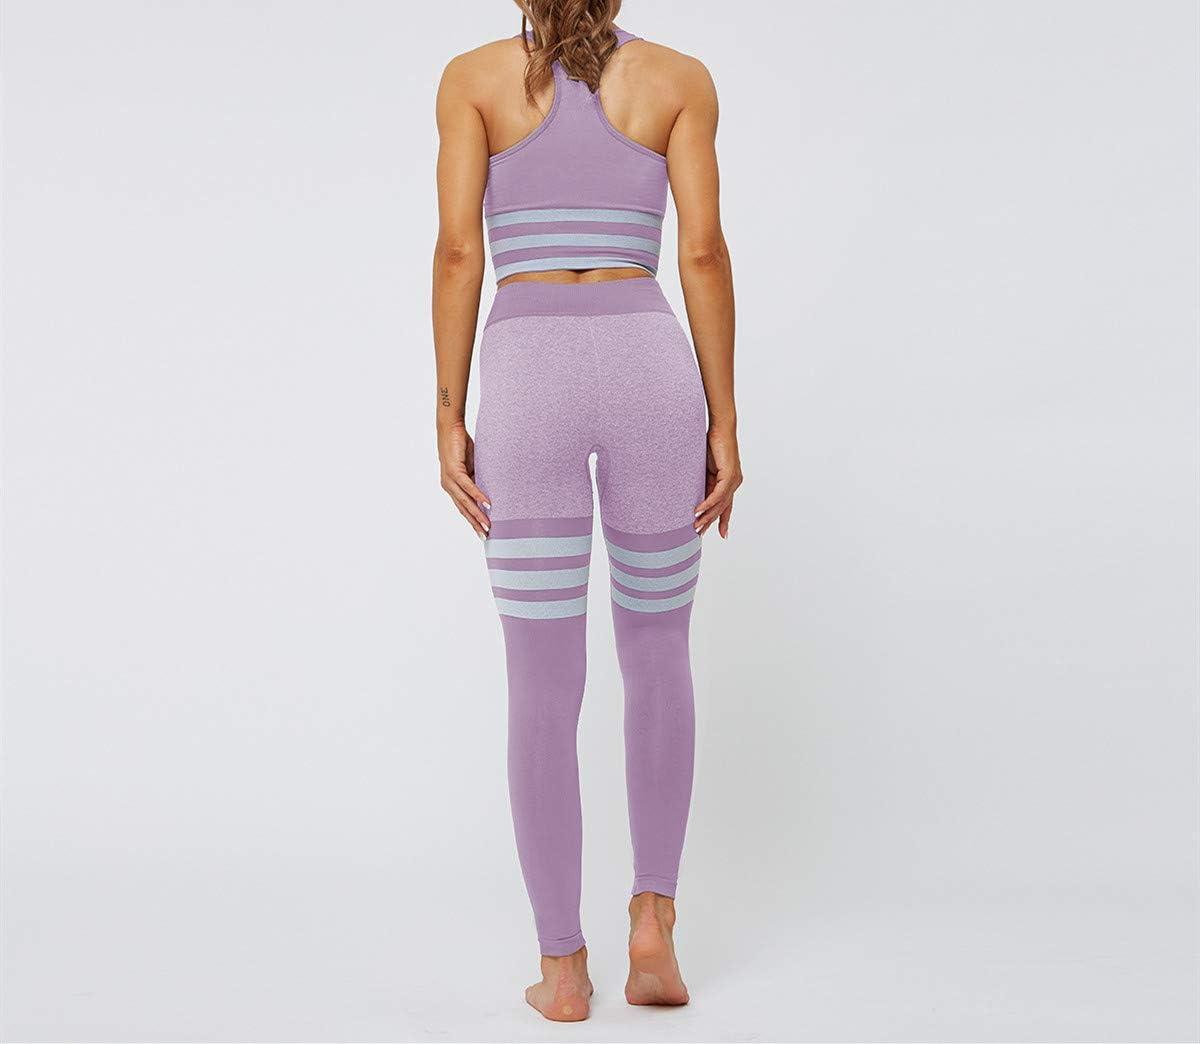 Frauen BH Gestreifte Nahtlose Yoga-Anzug Anzug Gestrickte H/üften Sporthose Tops und Hosen gesetzt DEEWISH Damen Sport Leggings Stretch Fitness Yogahose